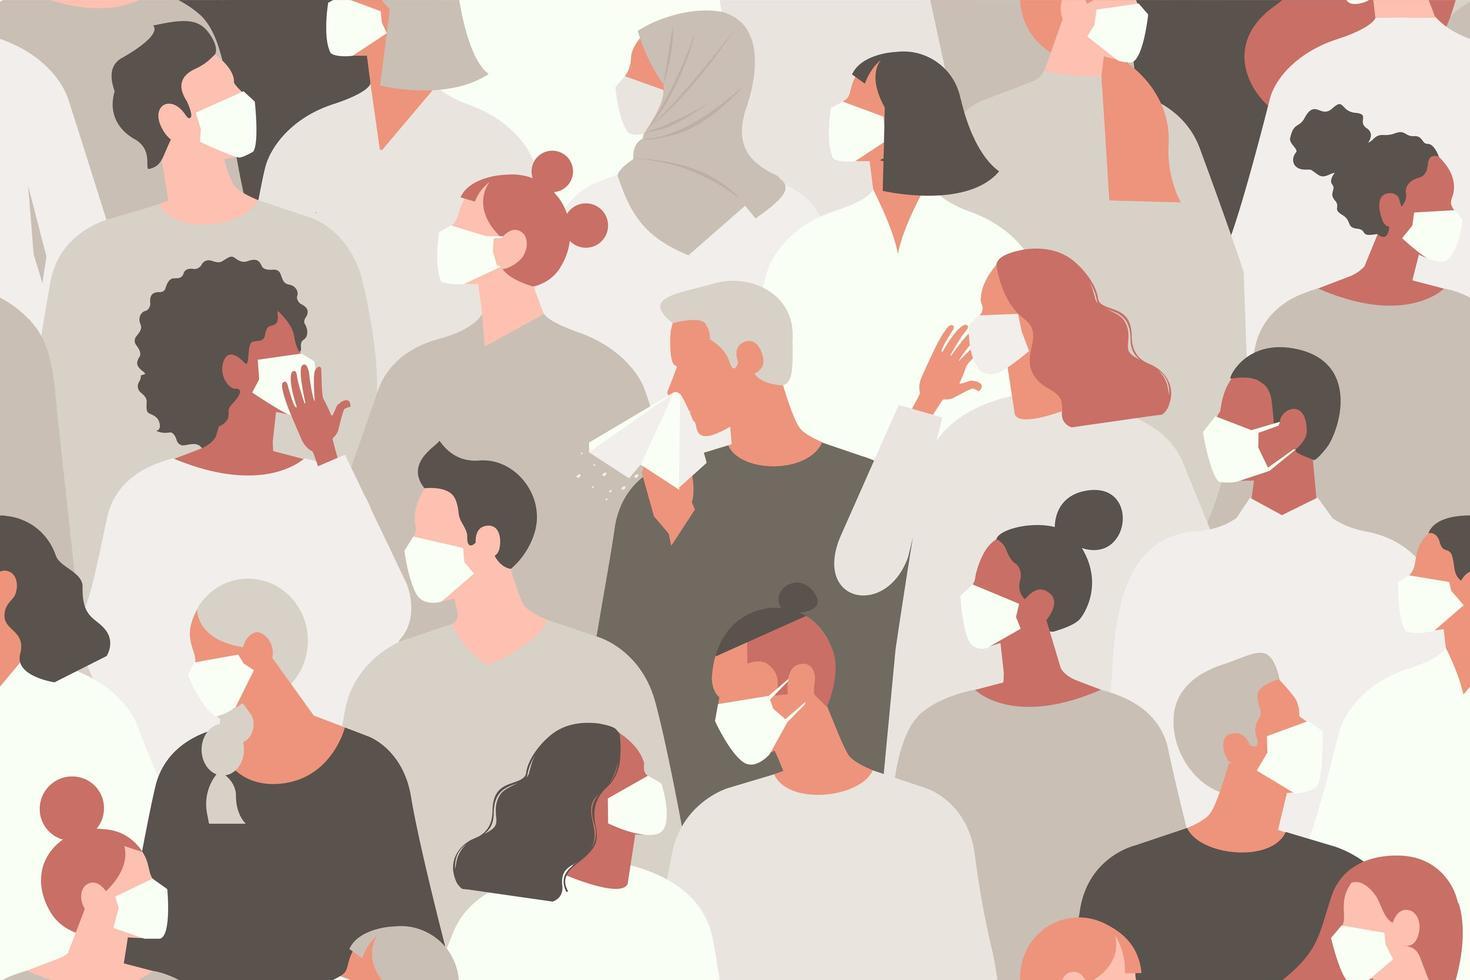 pandemia do coronavírus. romance coronavírus 2019-ncov, pessoas com máscara médica branca. conceito de ilustração vetorial de quarentena de coronavírus. padrão sem emenda. vetor